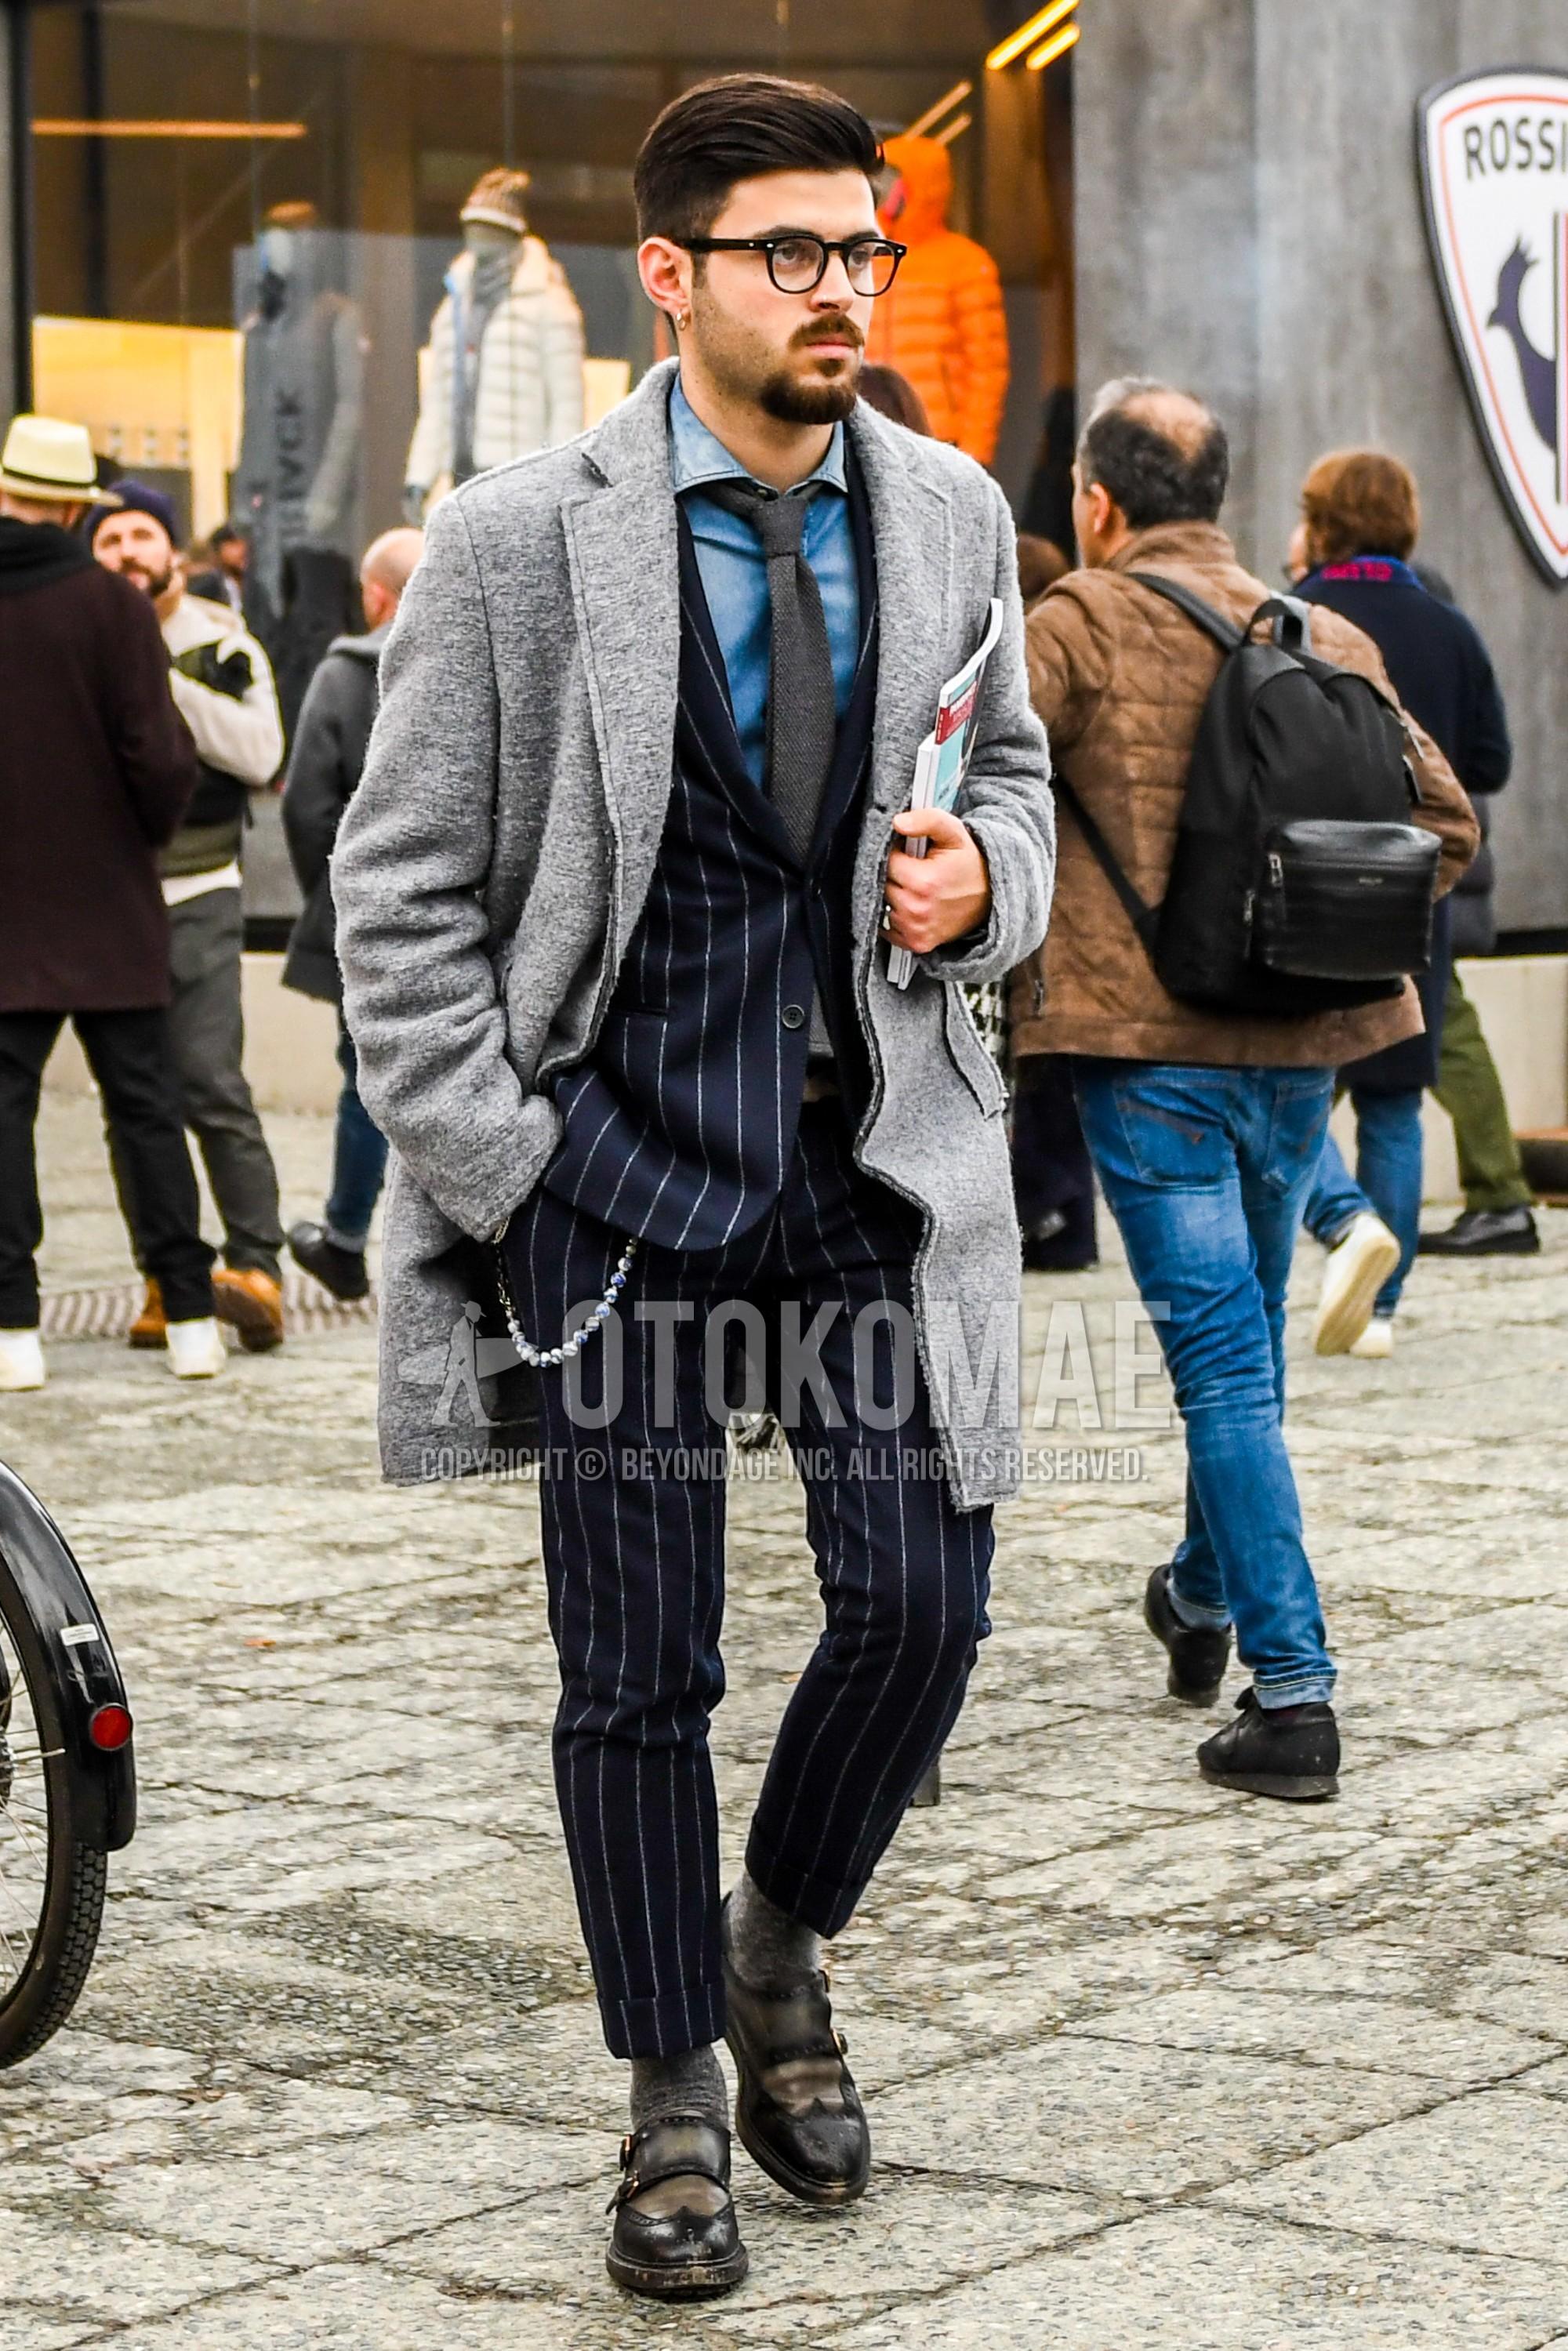 無地のメガネ、グレー無地のチェスターコート、ブルー無地のデニム/シャンブレーシャツ、グレー無地のソックス、ブラウンモンクシューズの革靴、ネイビーストライプのスーツ、ダークグレー無地のネクタイを合わせた冬のメンズコーデ・着こなし。